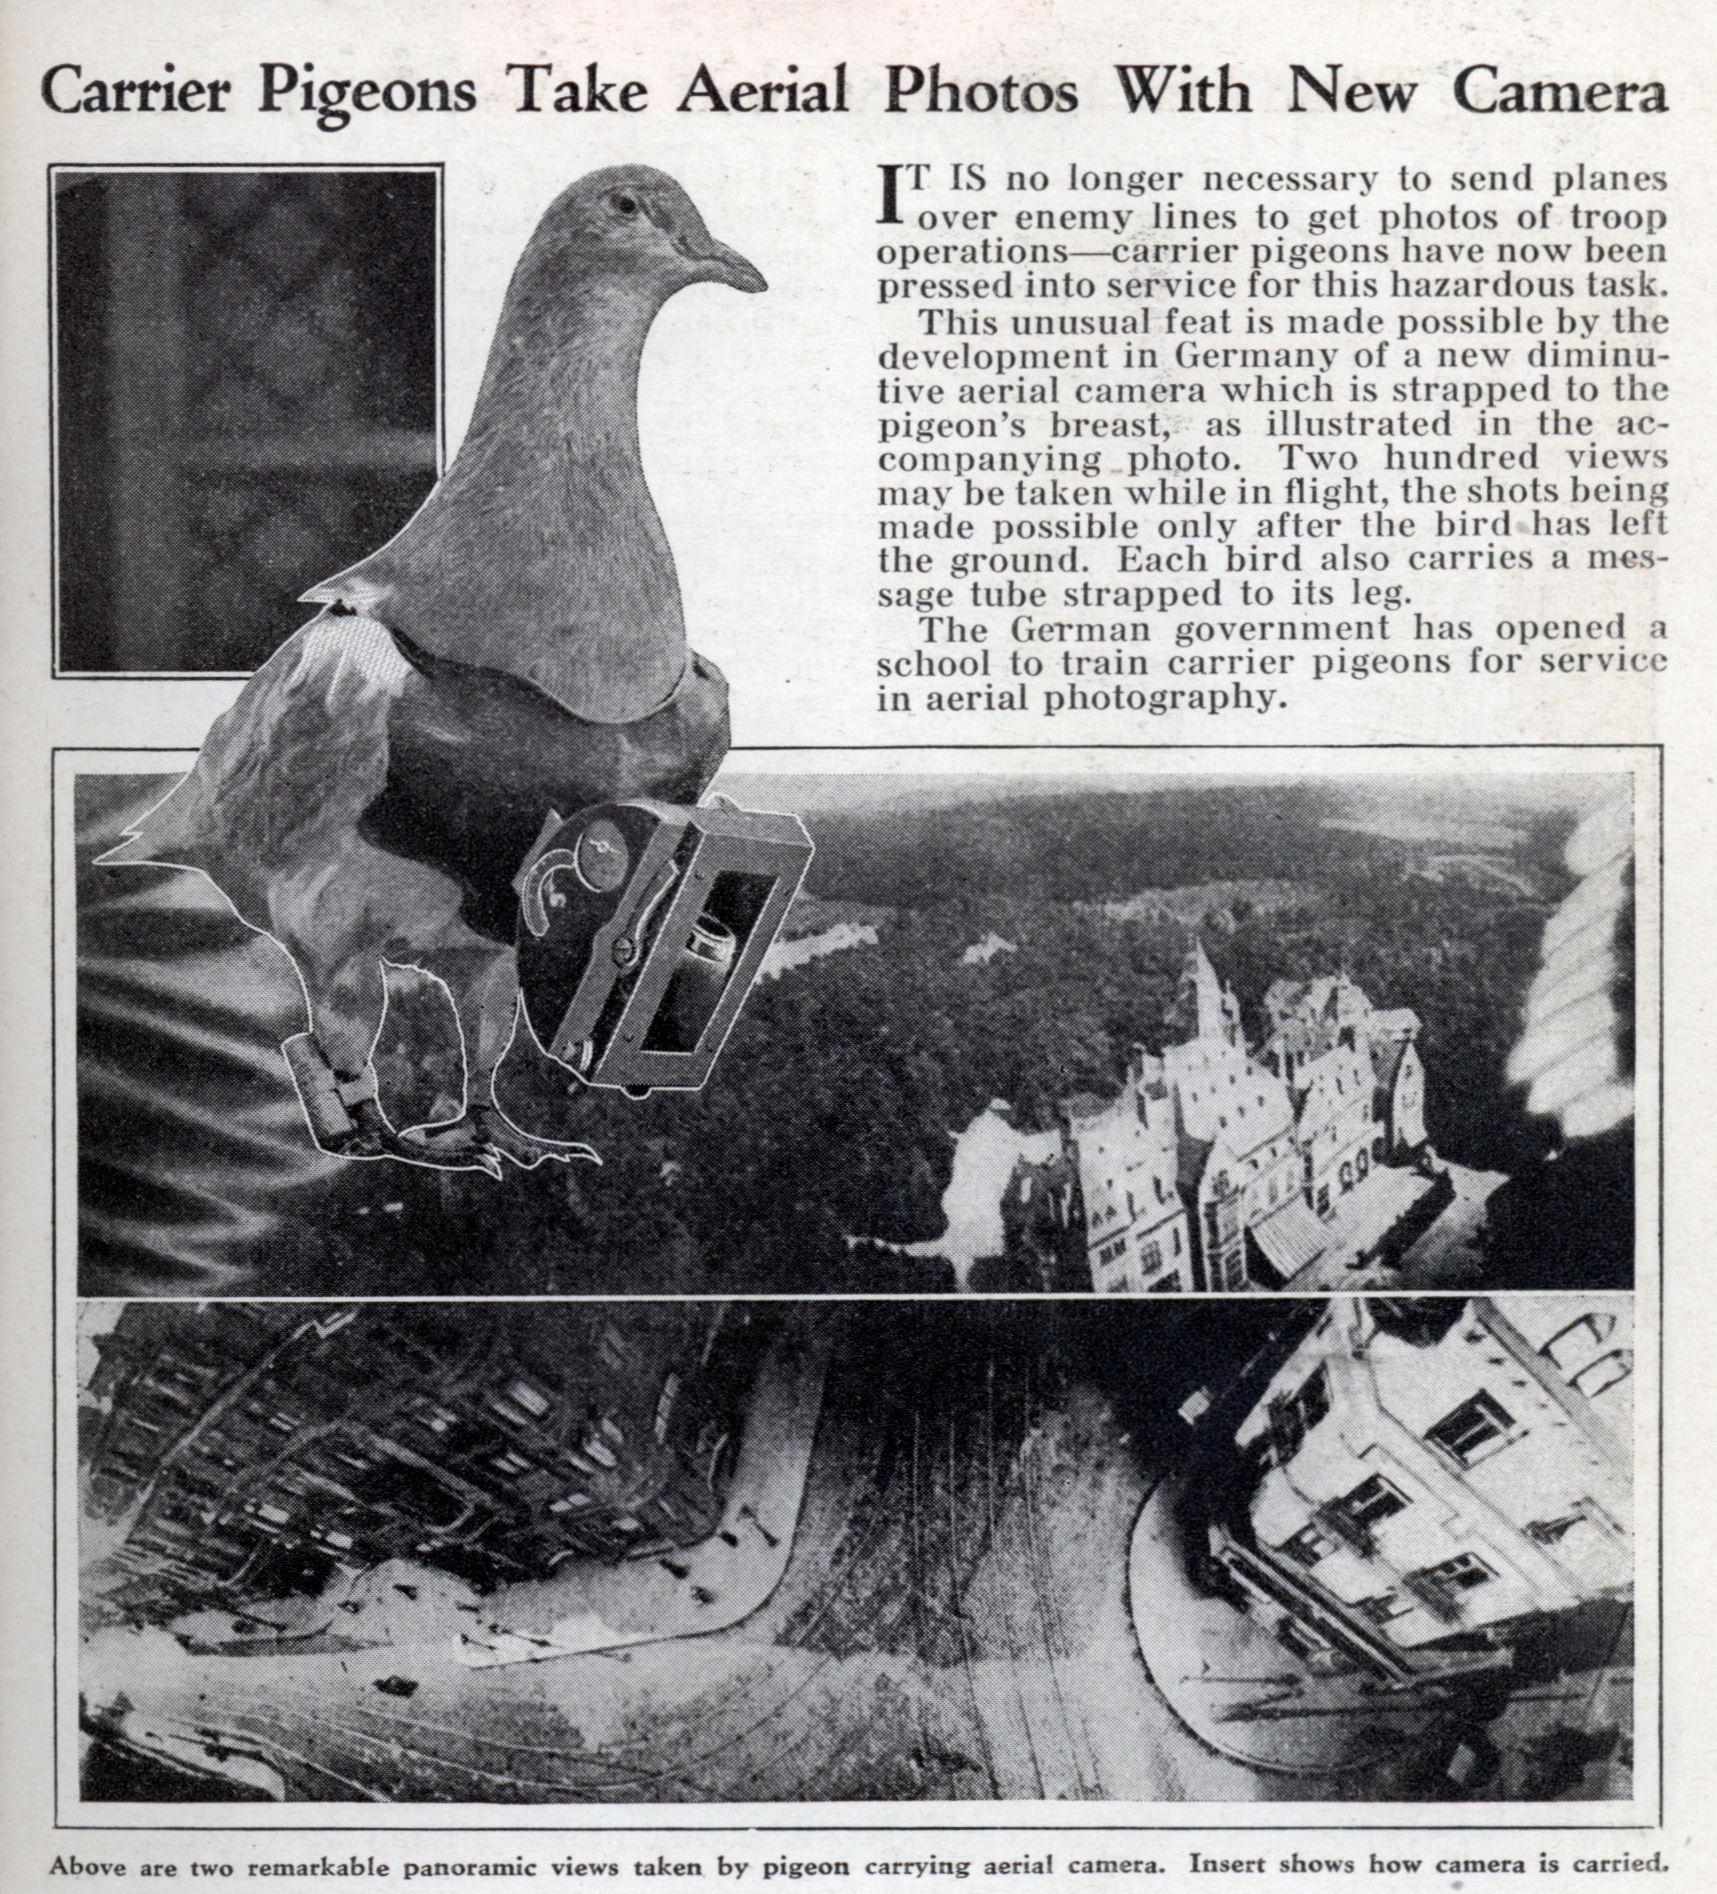 pigeon camera photographie aerienne 081 Des pigeons photographes pour la reconnaissance aérienne